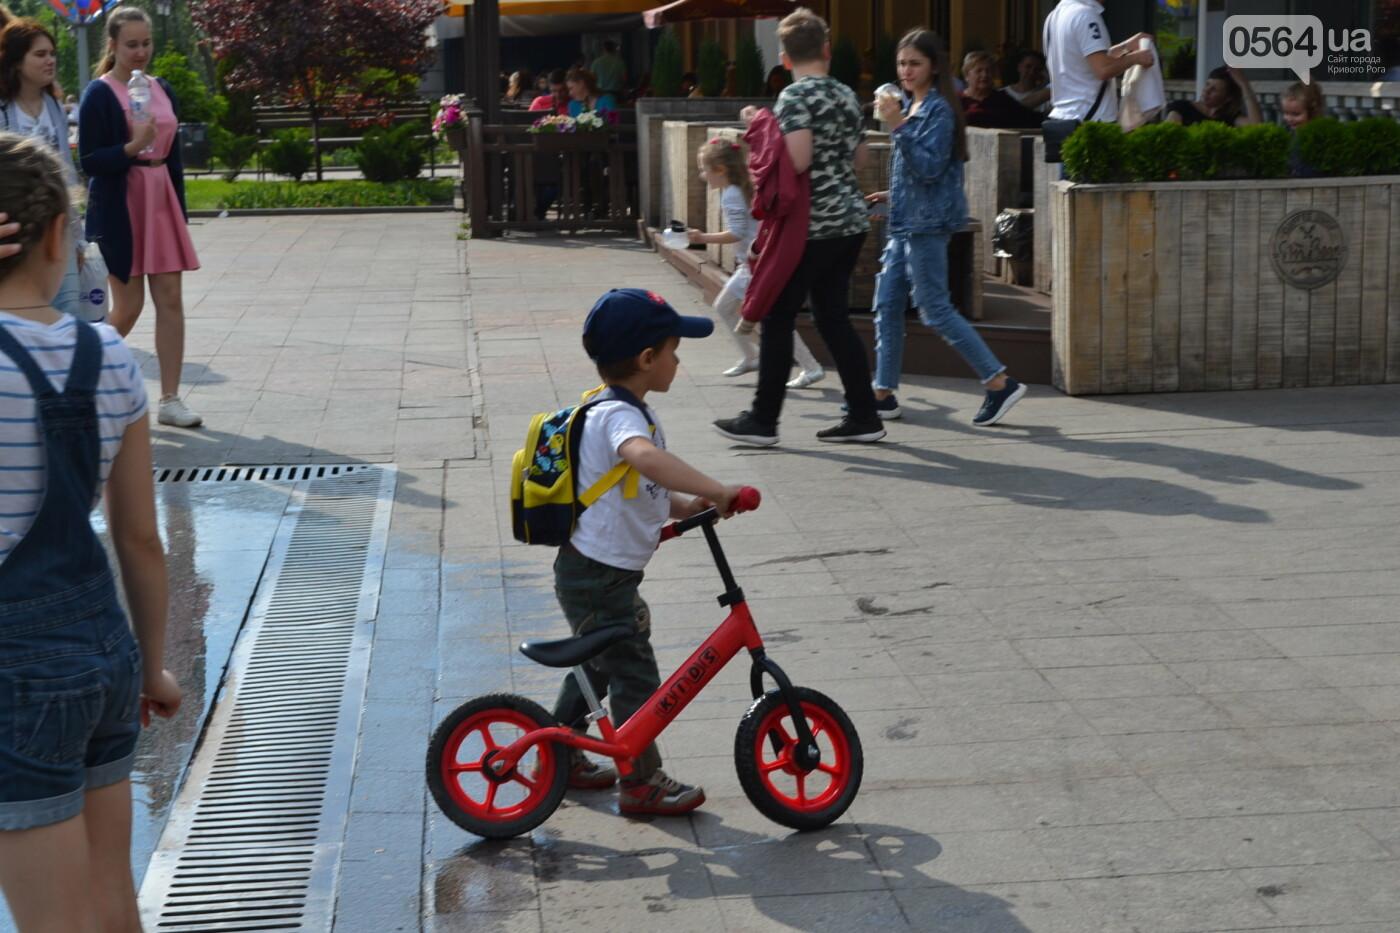 Играют все: на проспекте Почтовом в Кривом Роге проходит фестиваль уличной музыки, - ФОТО, ВИДЕО, фото-11